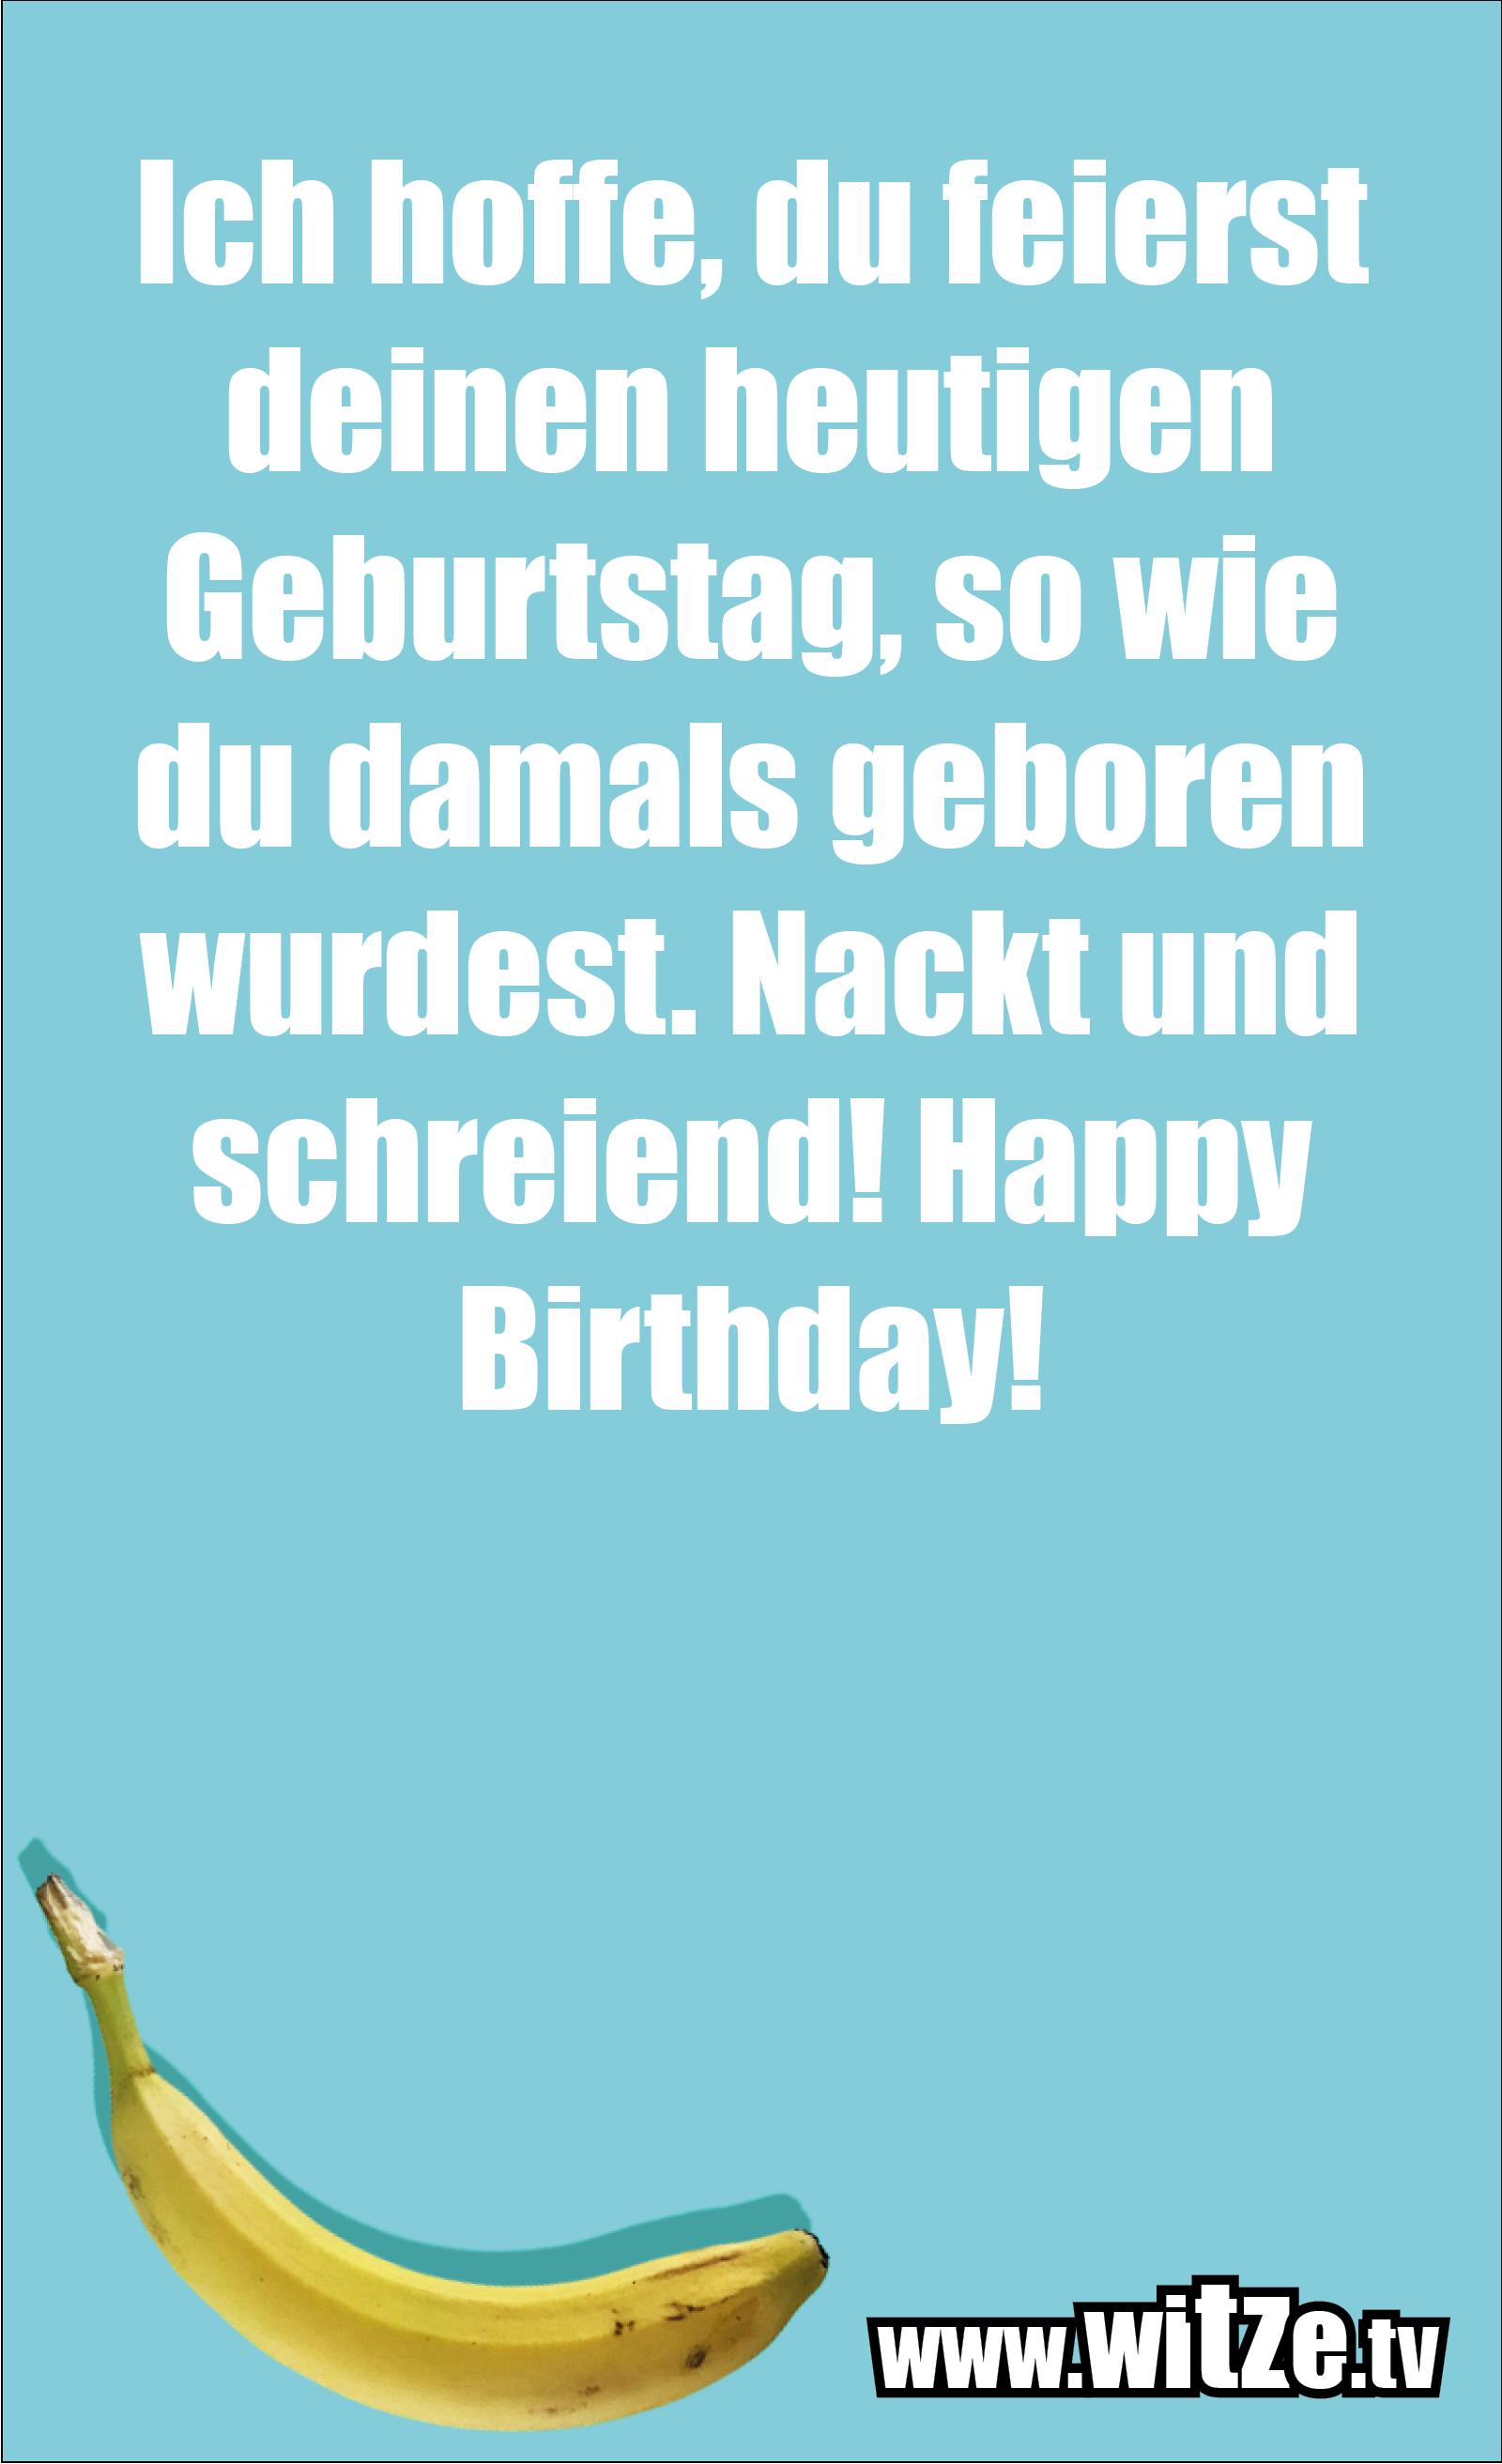 Lustige Geburtstagswünsche: Ich hoffe, du feierst deinen heutigen Geburtstag, so wie du damals geboren wurdest. Nackt und schreiend! Happy Birthday!